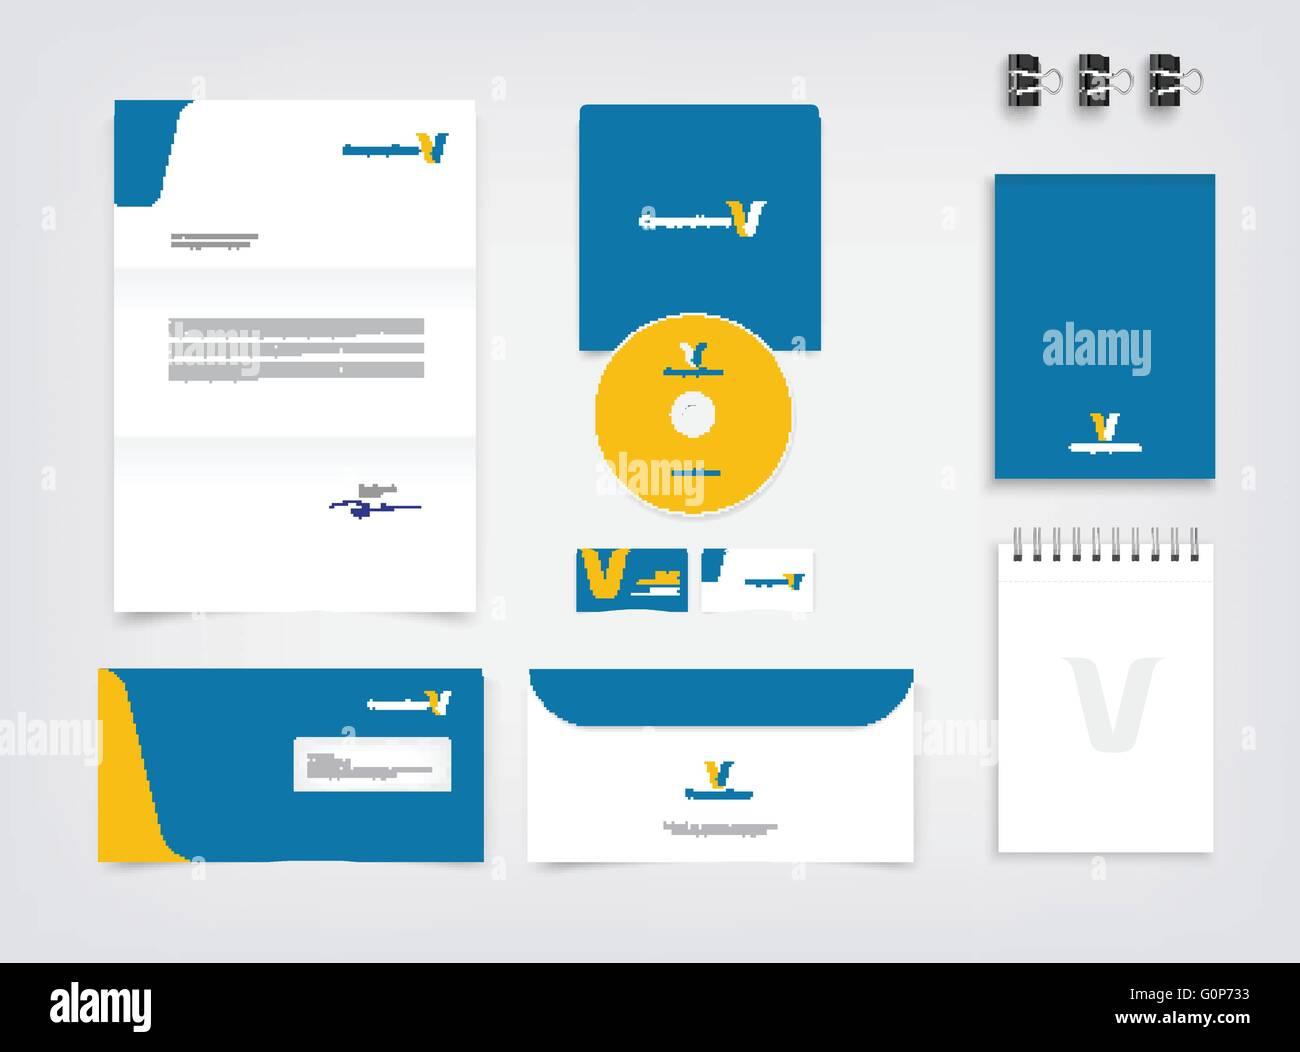 Ungewöhnlich Branding Vorschlag Vorlage Ideen - Beispiel Business ...